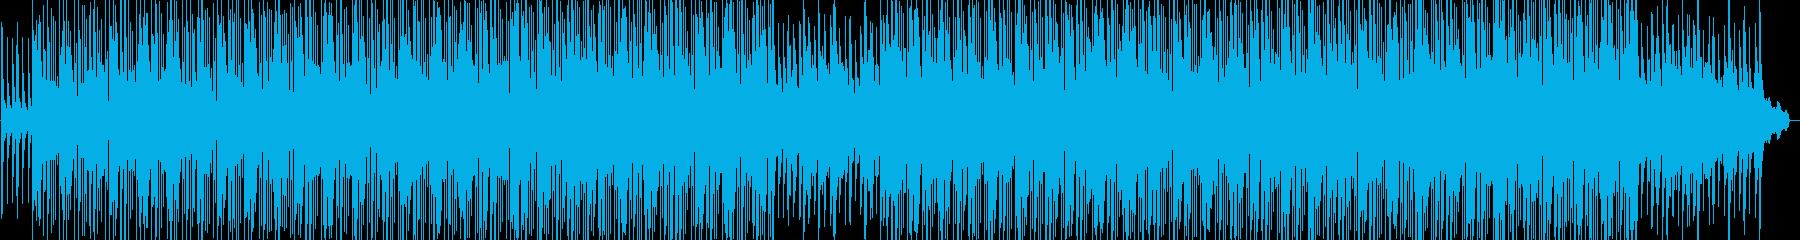 エキゾチックな雰囲気のダンスBGMの再生済みの波形